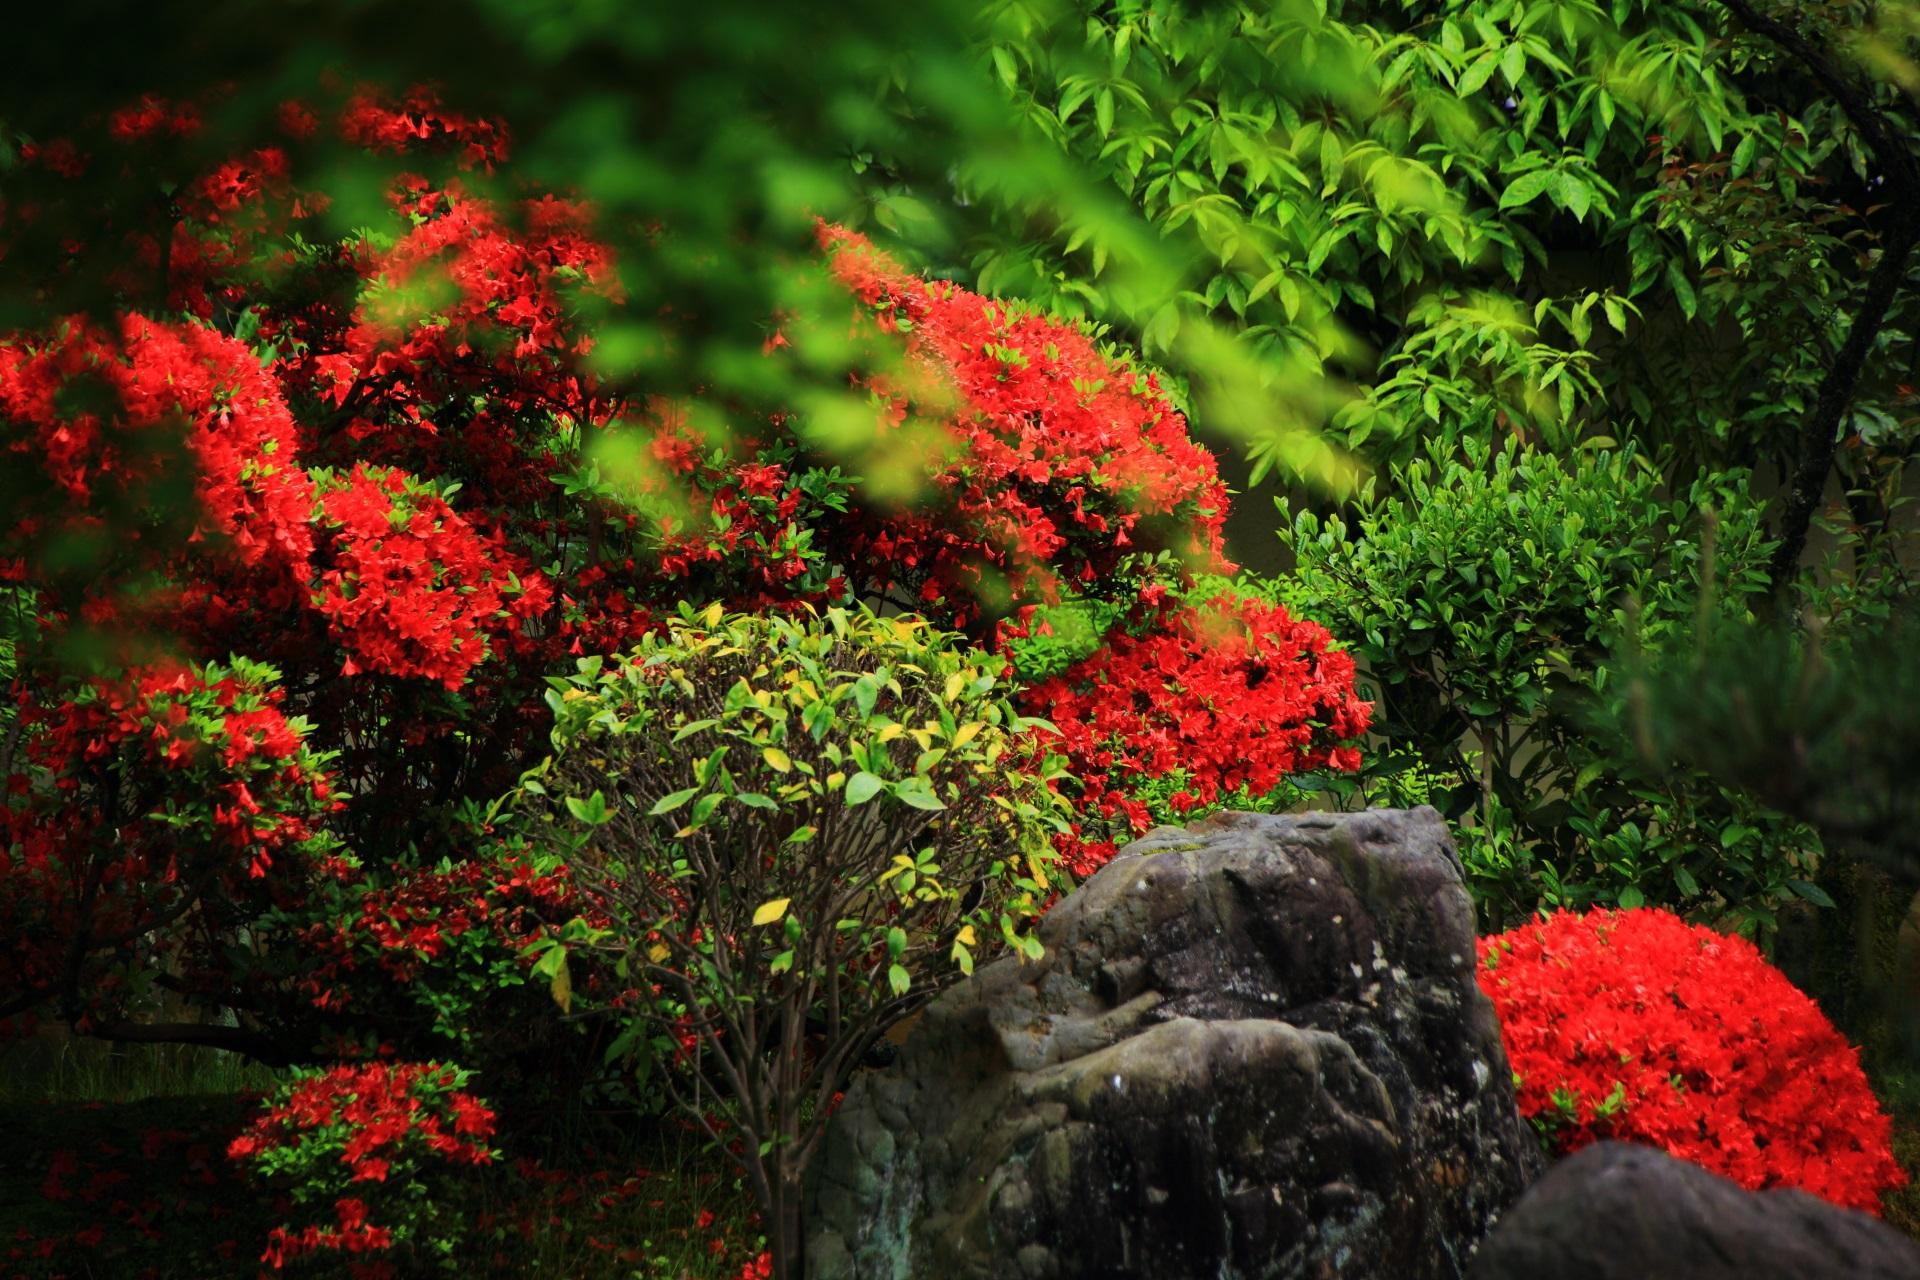 正伝永源院の緑と赤の綺麗な春色のコントラスト